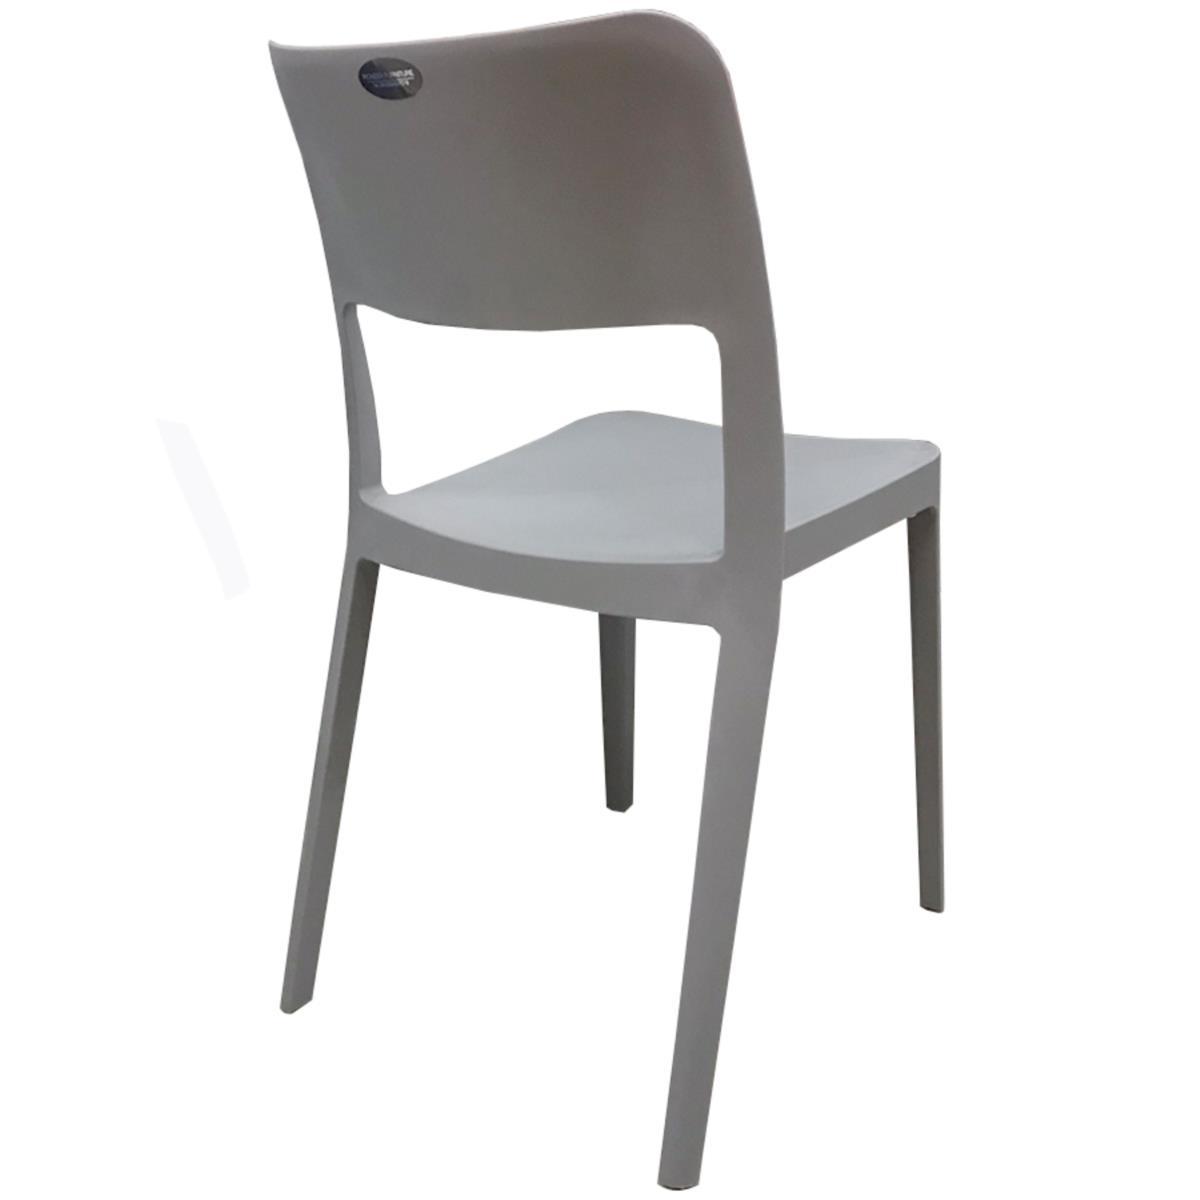 เก้าอี้โมเดิร์น  ขนาด W cm. ขาพลาสติก